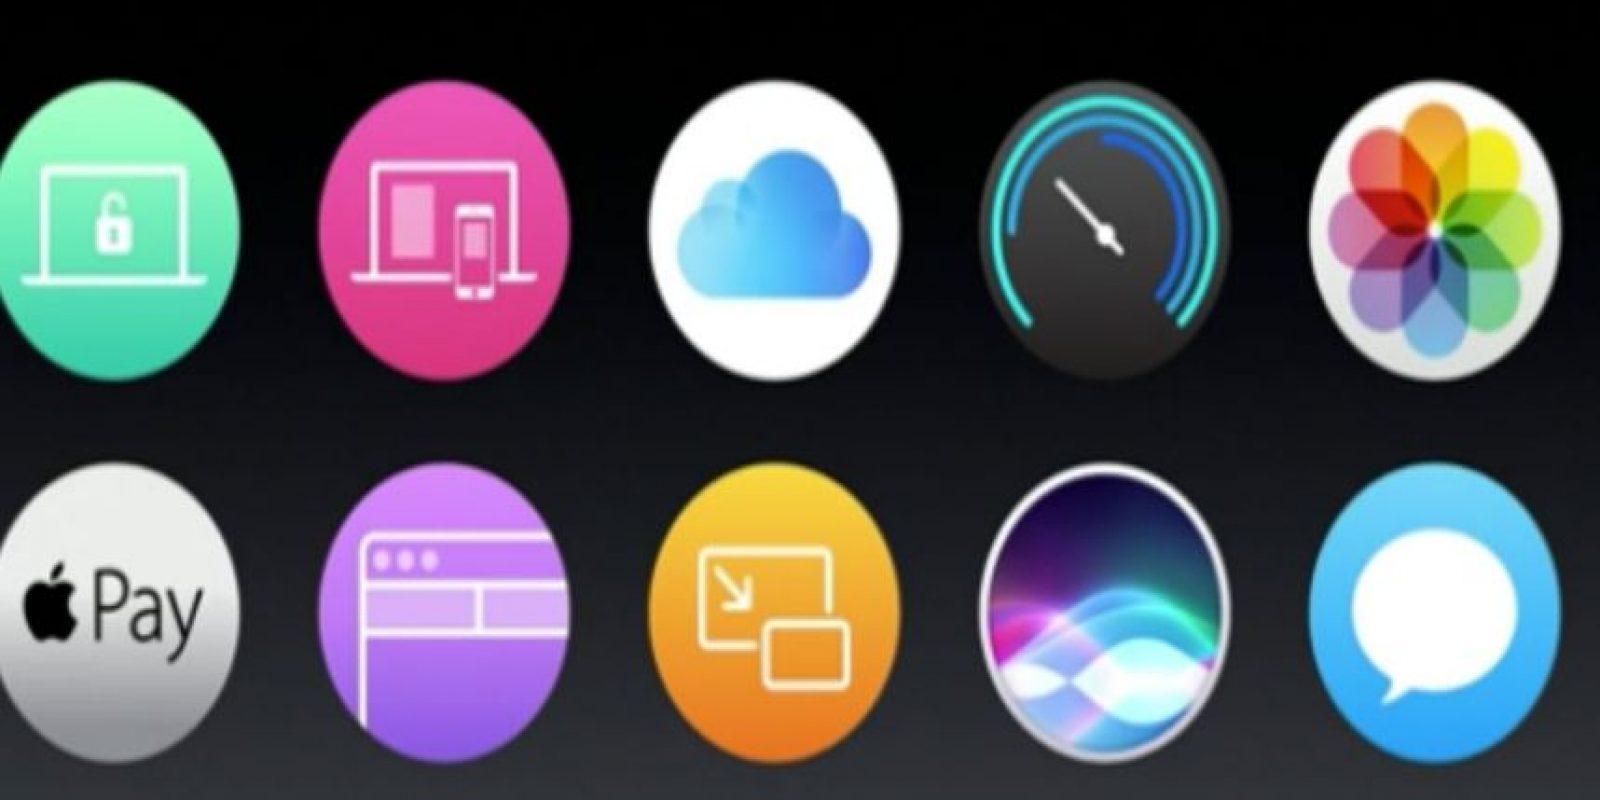 En la WWDC de Apple se presentó el iOS 10. Foto:WWDC Apple. Imagen Por: